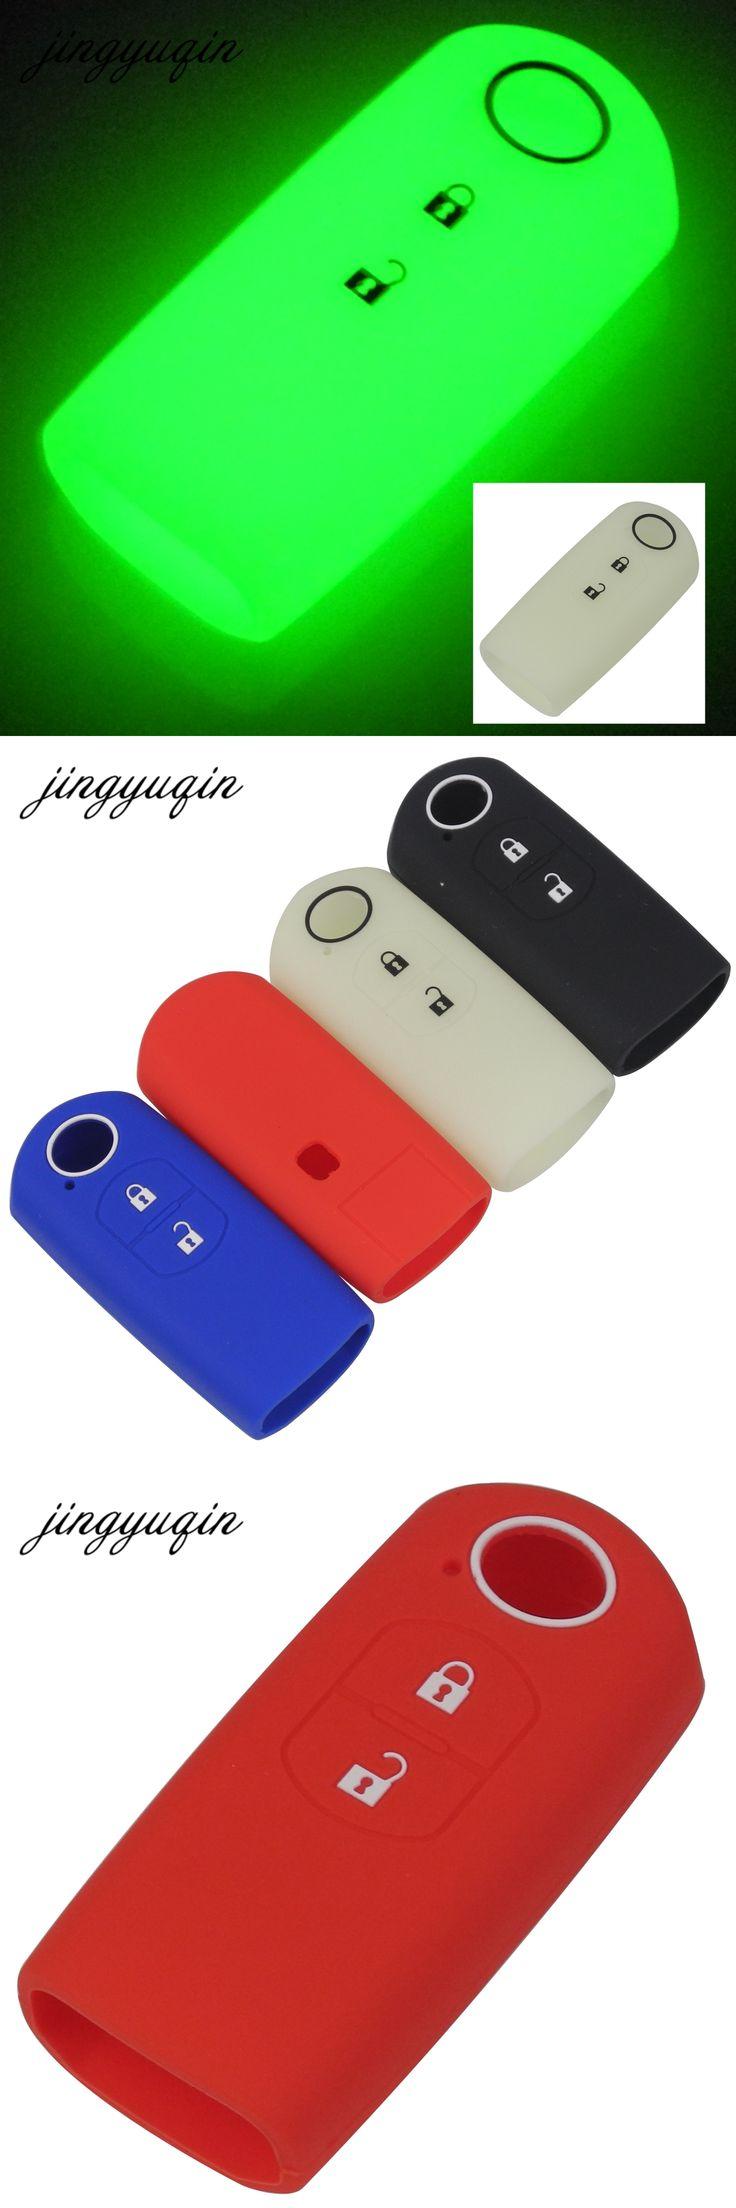 jingyuqin Silicone Car Key Cover Case Car Styling For Mazda For Mazda CX-5 /CX5 Axela / Mazda 6 Atenza CX-7 CX-9 MX5